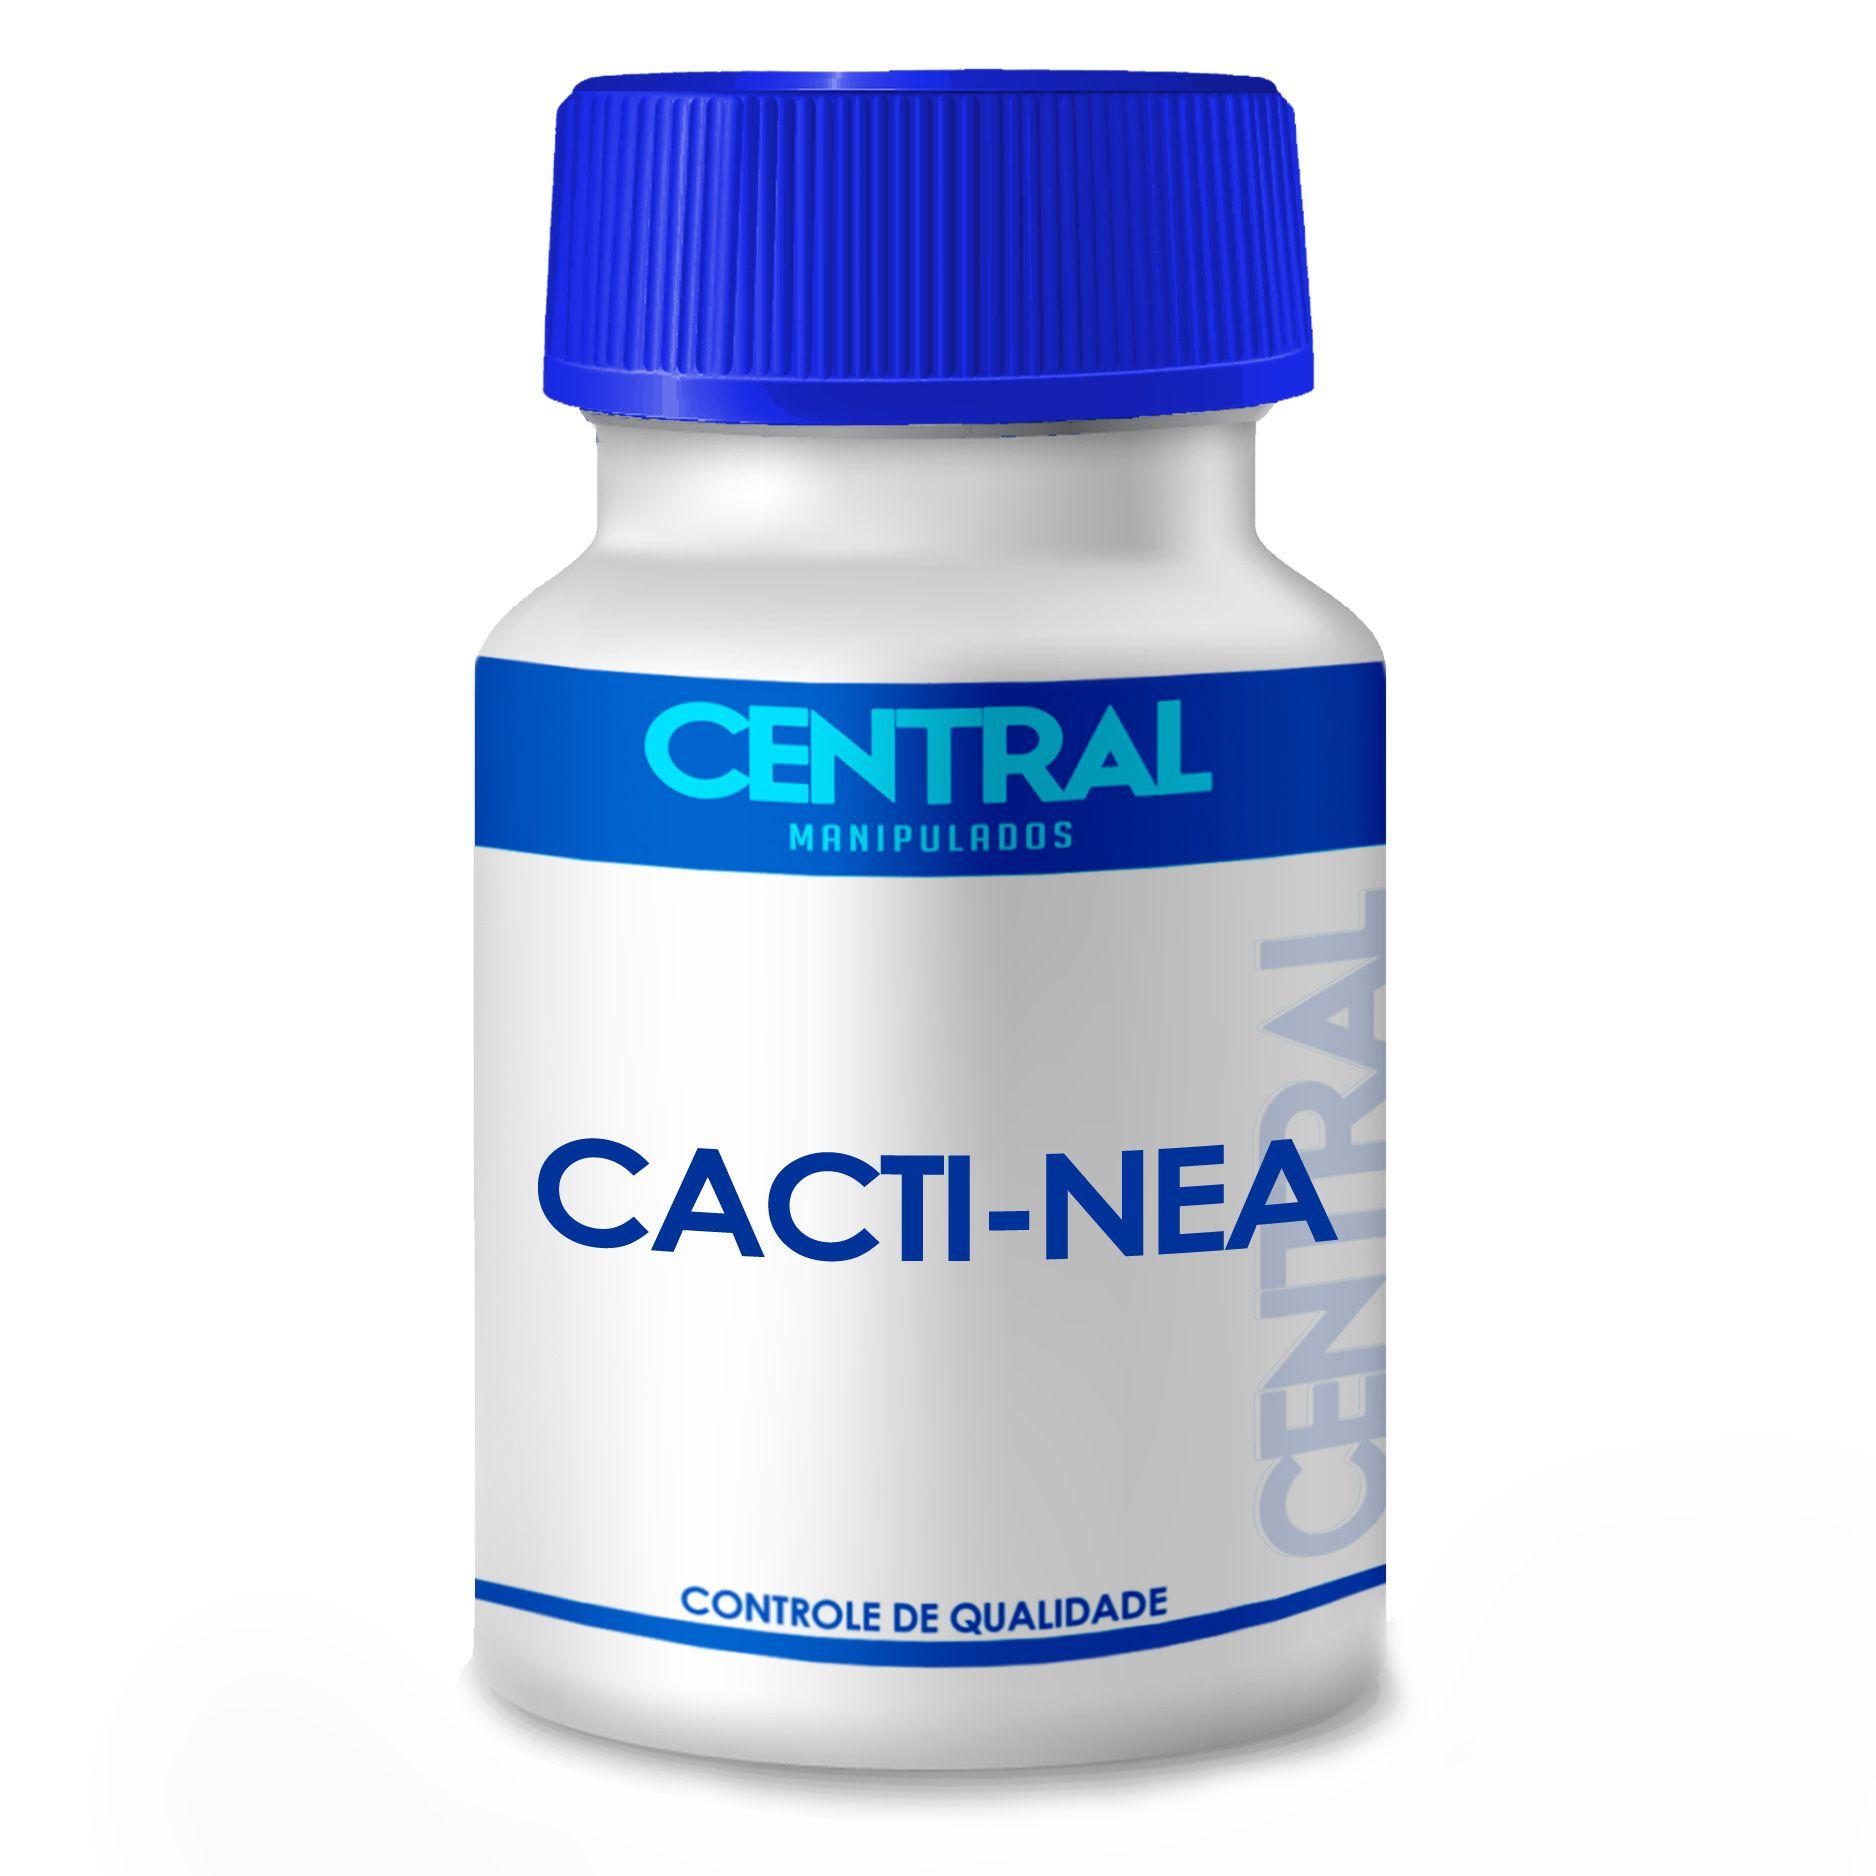 Cacti-Nea 500 mg 120 cápsulas